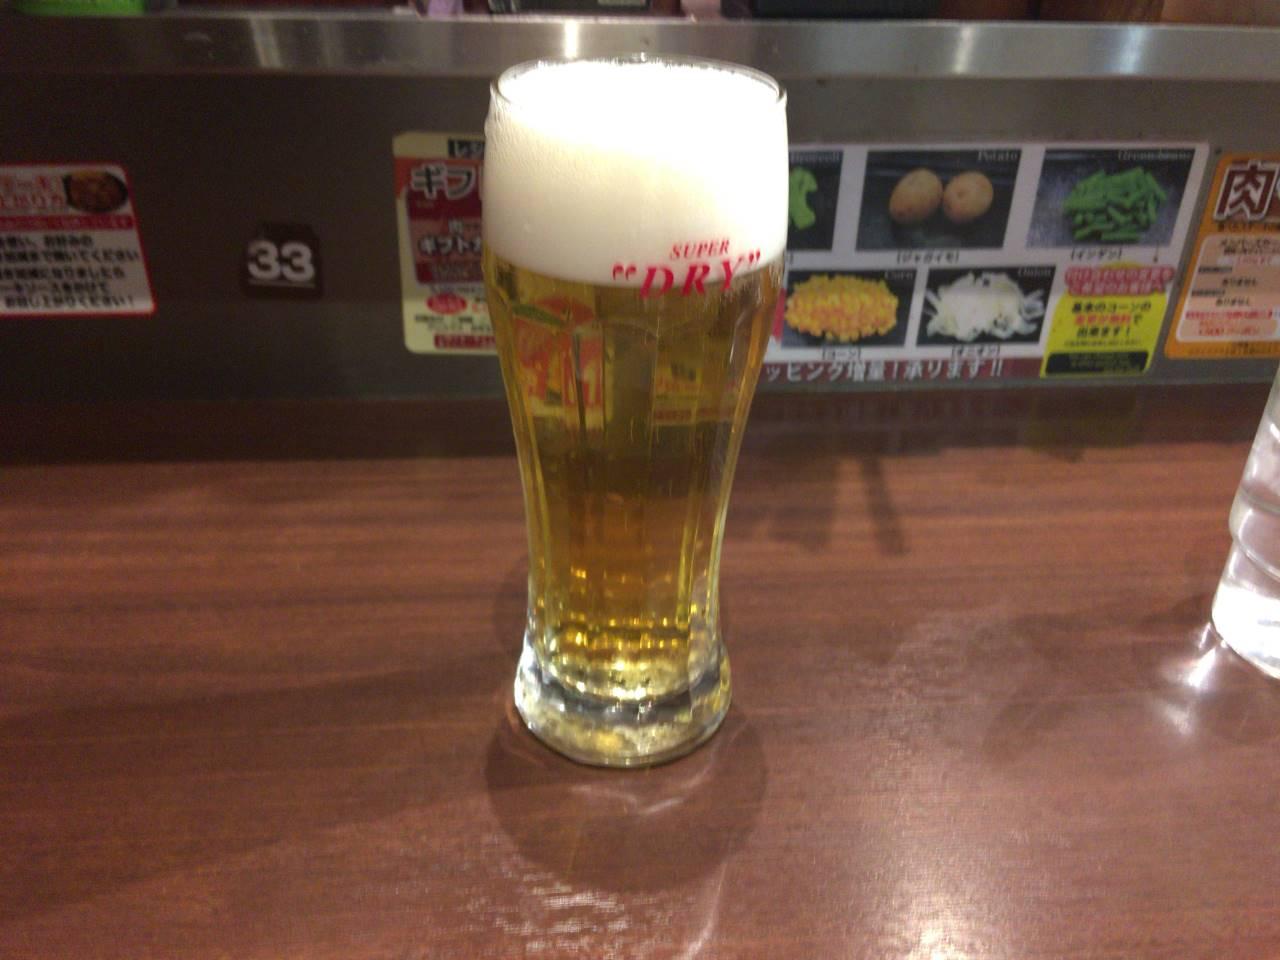 生ビール500円はプラチナ肉マイレージカード提示で1杯無料